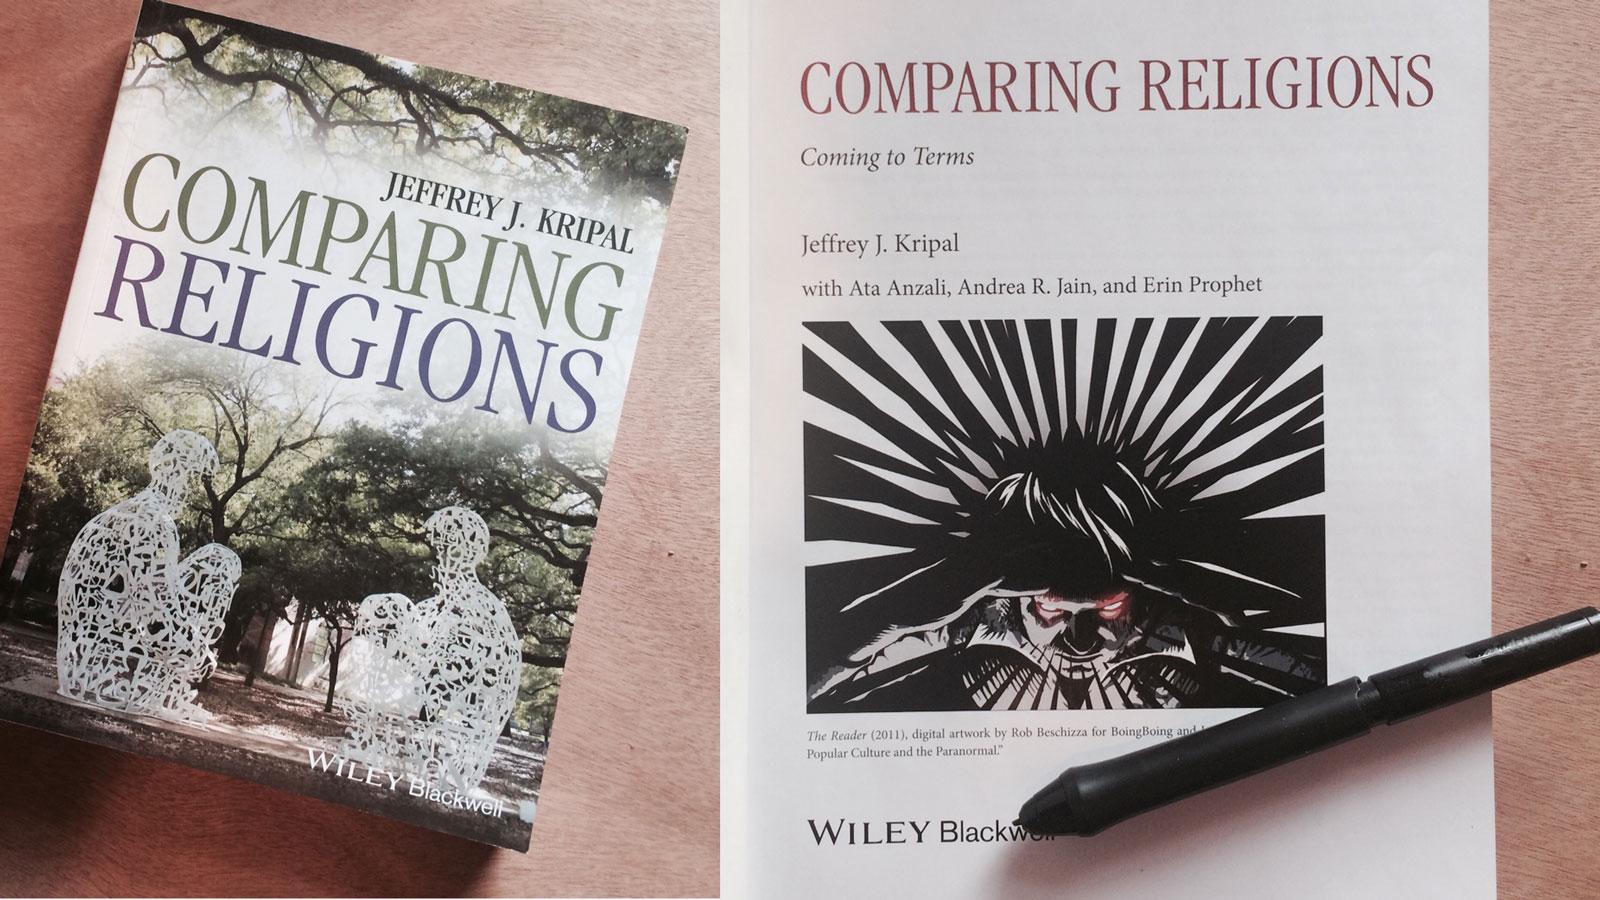 COMPARINGRELIGIONS